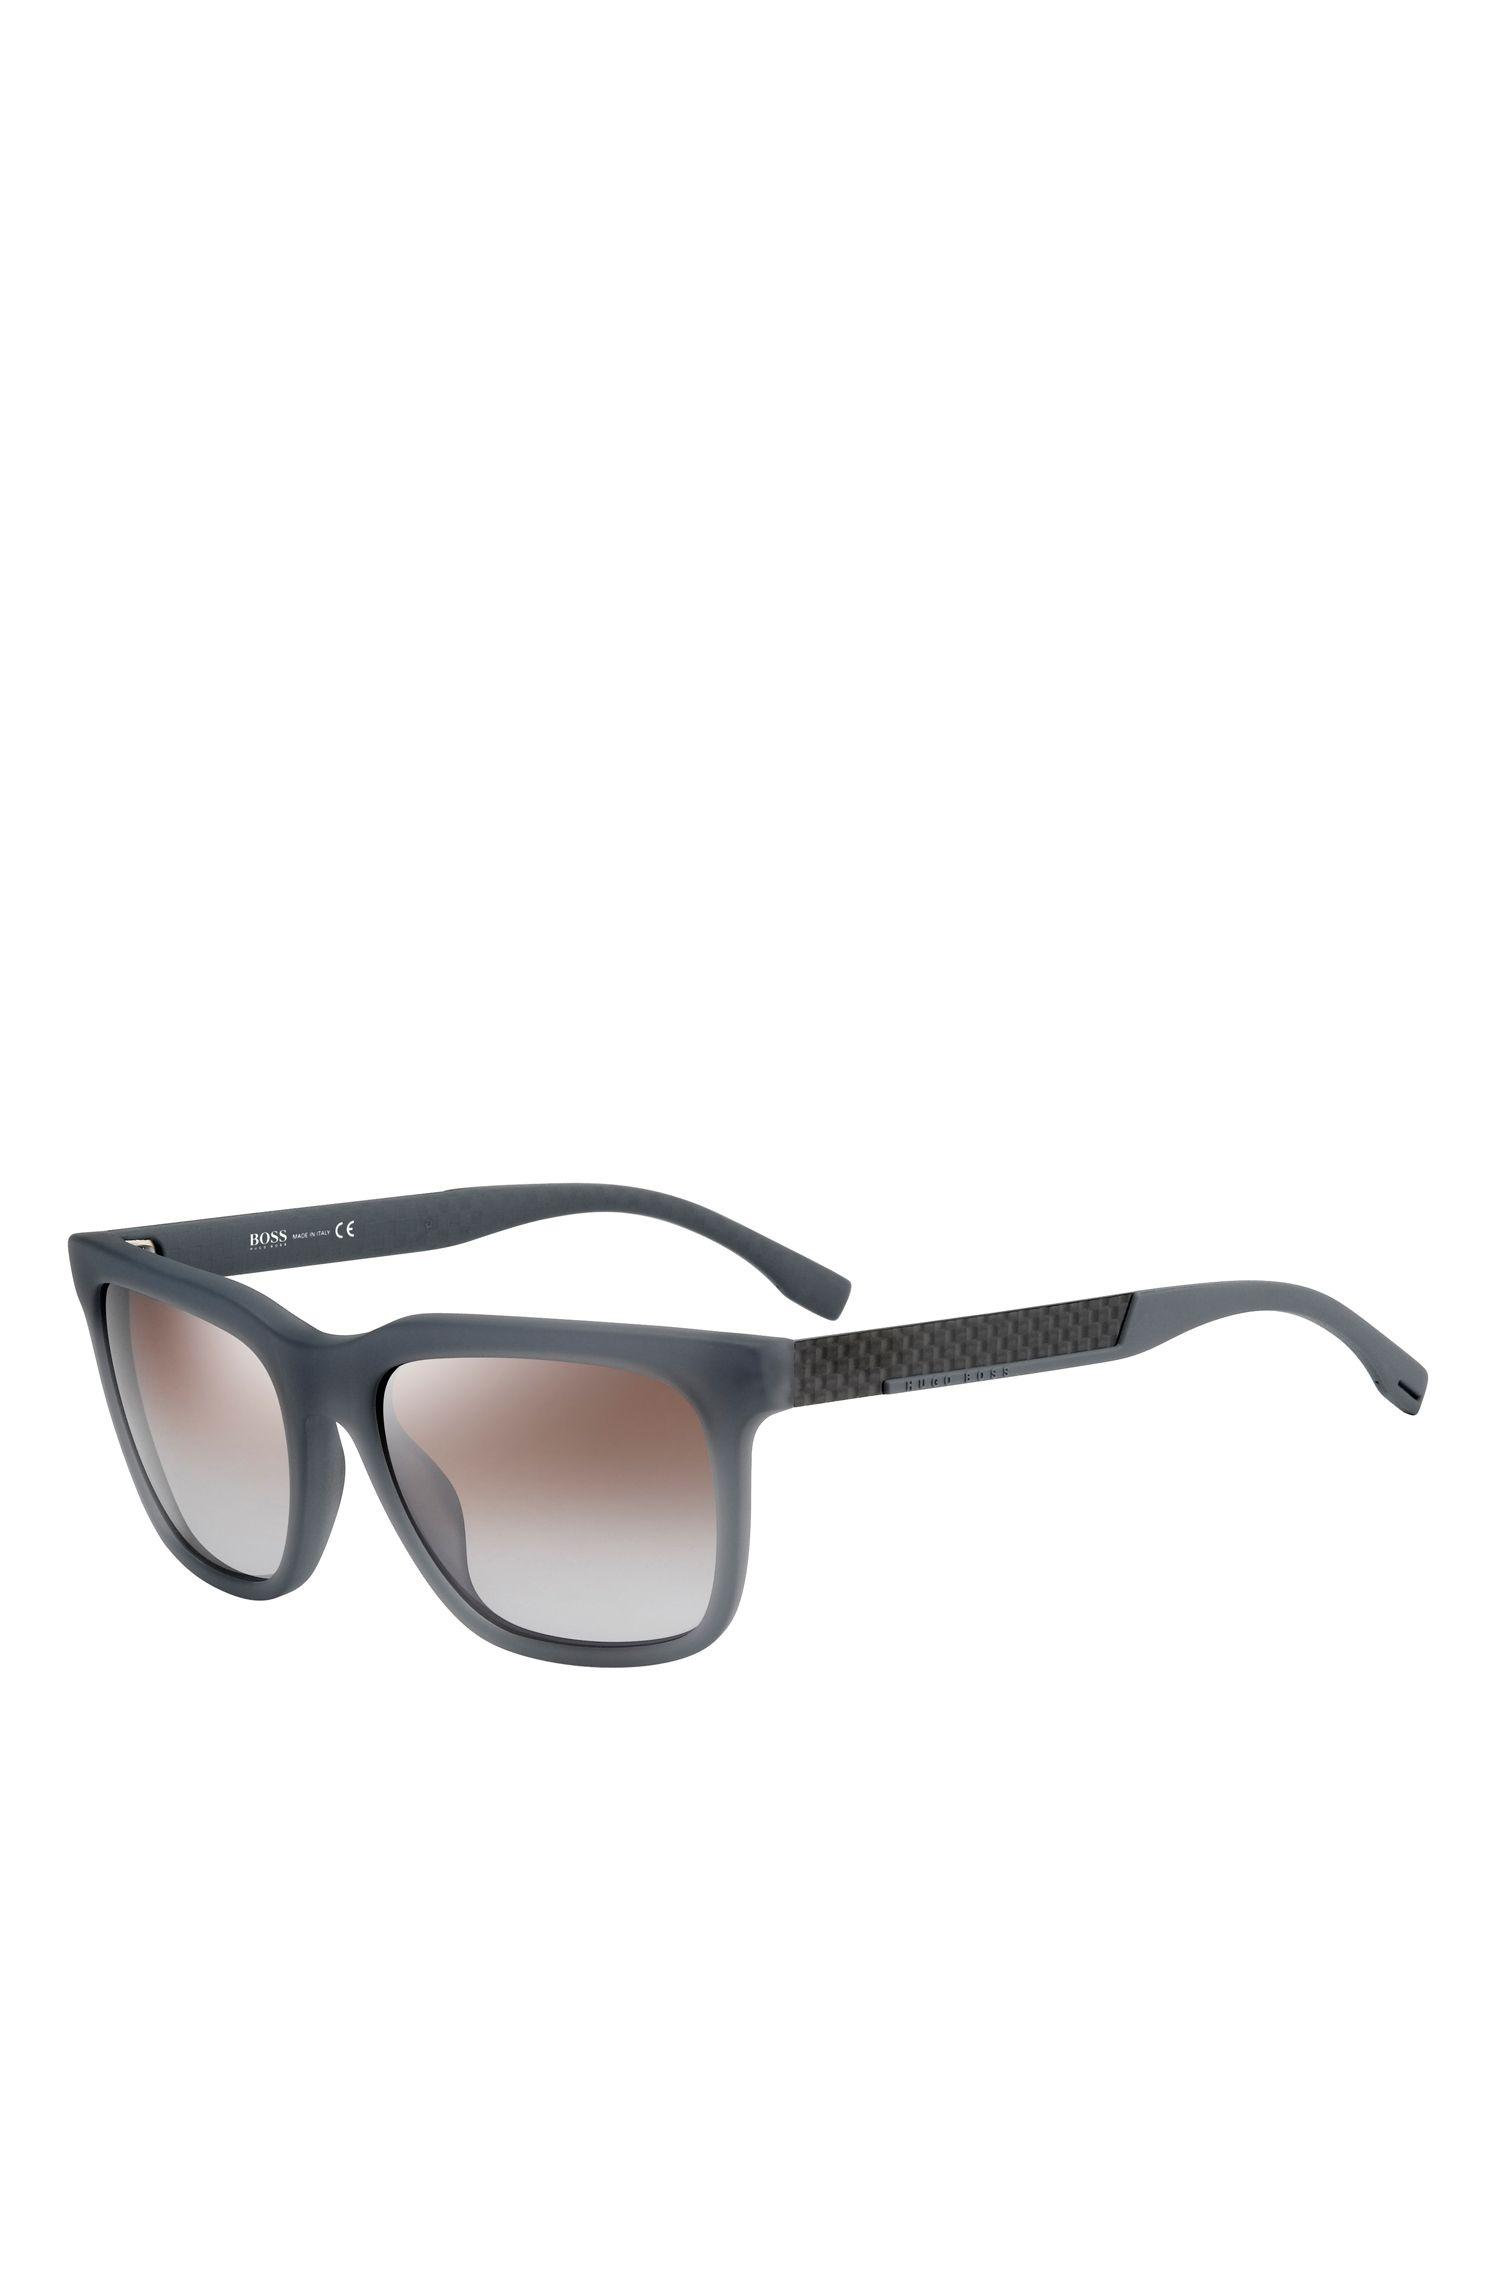 Gradient Lens Rectangular Sunglasses | BOSS 0670S